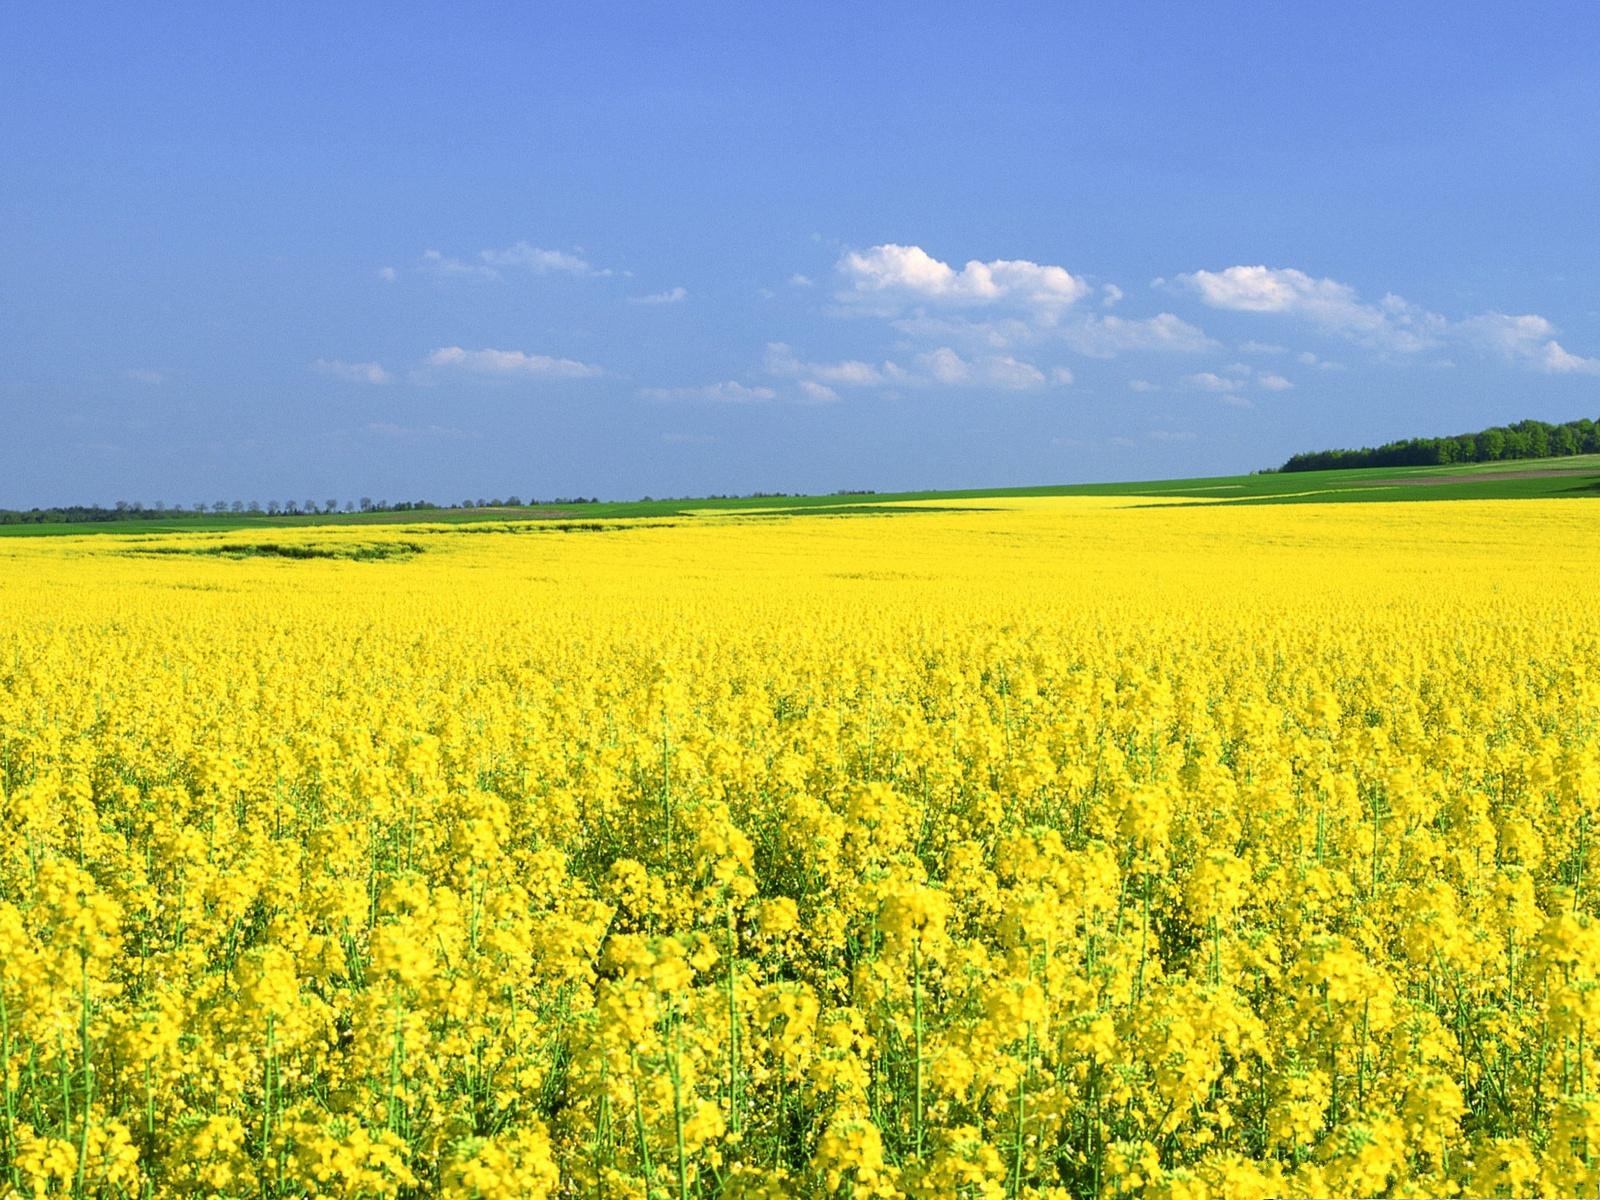 Yellow Flower Field Wallpaper